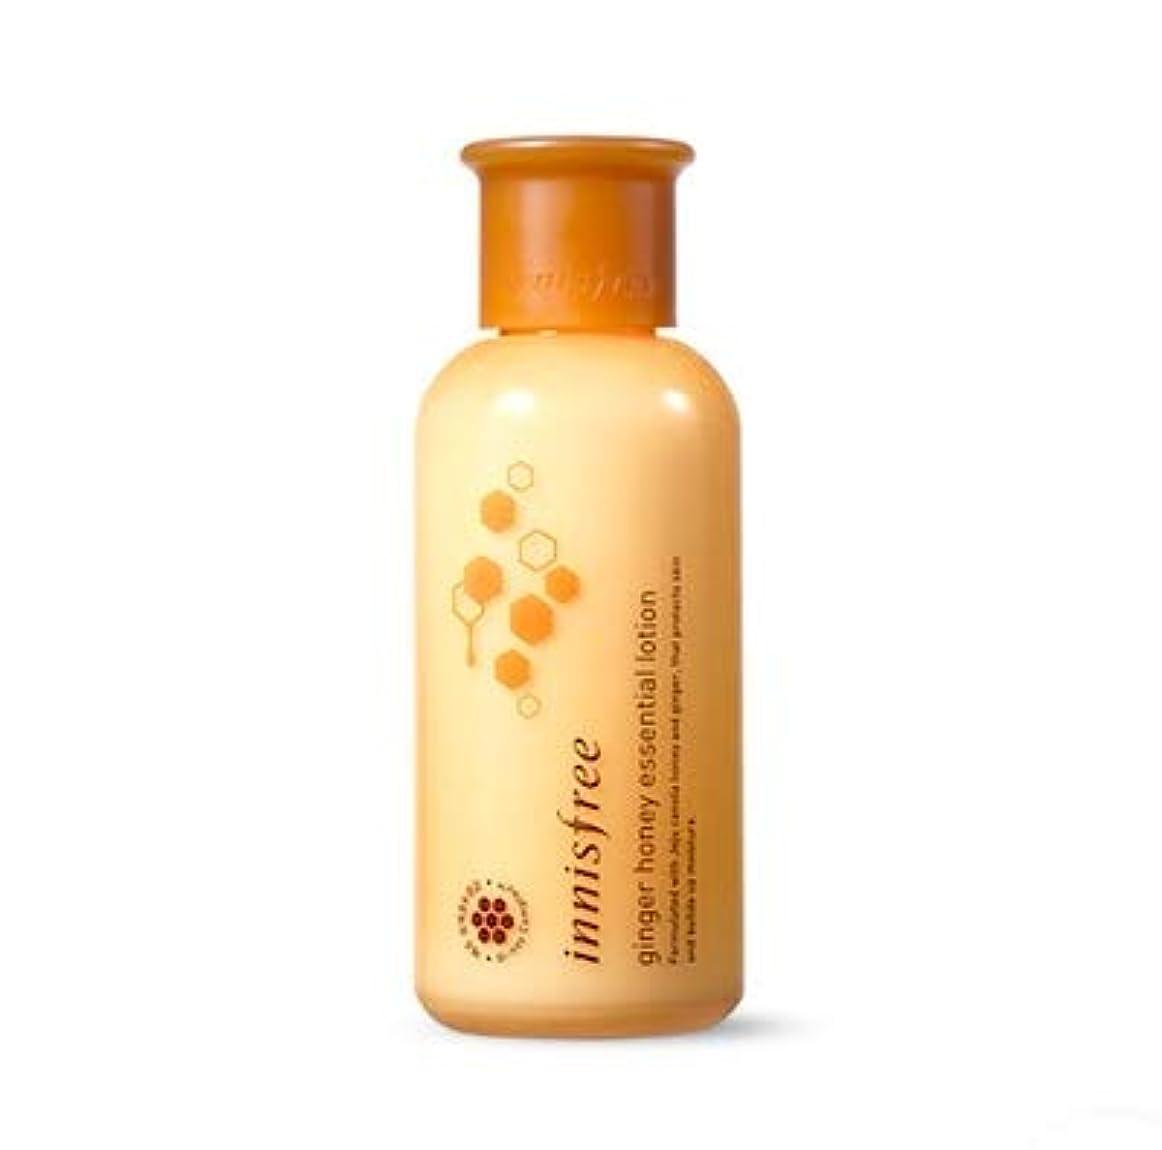 無駄な溶接スカイINNISFREE Ginger Honey Essential Lotion イニスフリー ジンジャー ハニー エッセンシャル ローション 160ml [並行輸入品]